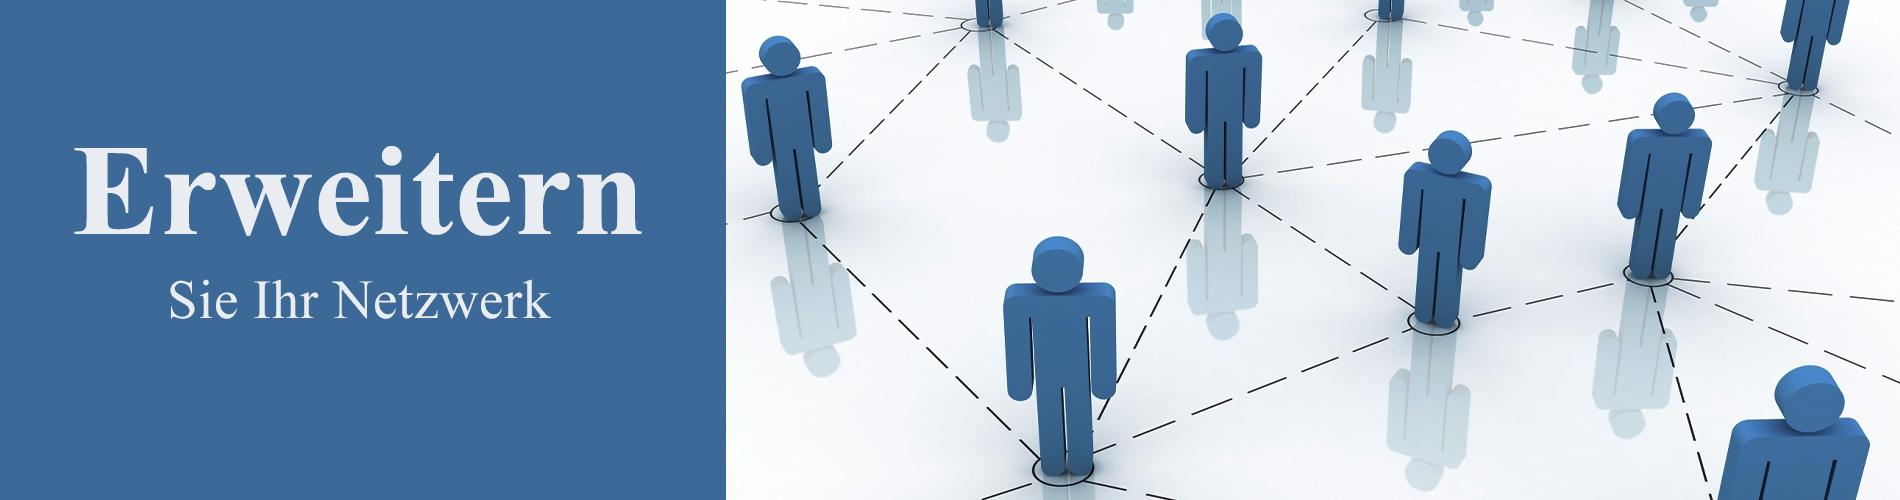 Erweitern Sie Ihr Netzwerk